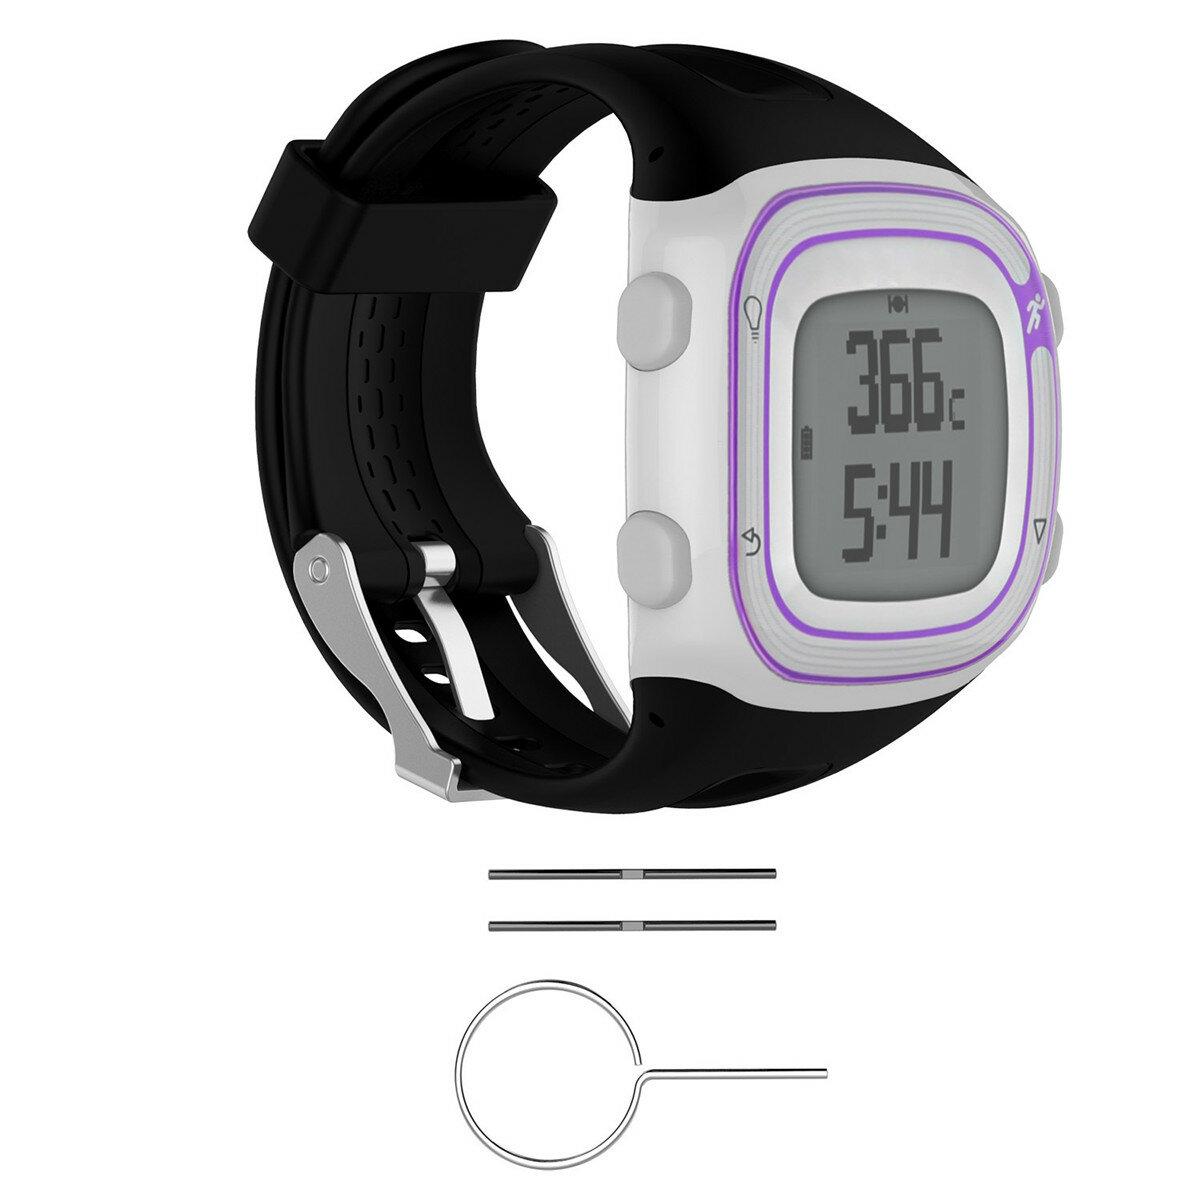 Silicone Wrist Banda Cinturino + strumenti per orologio da corsa Garmin Forerunner 10/15 GPS